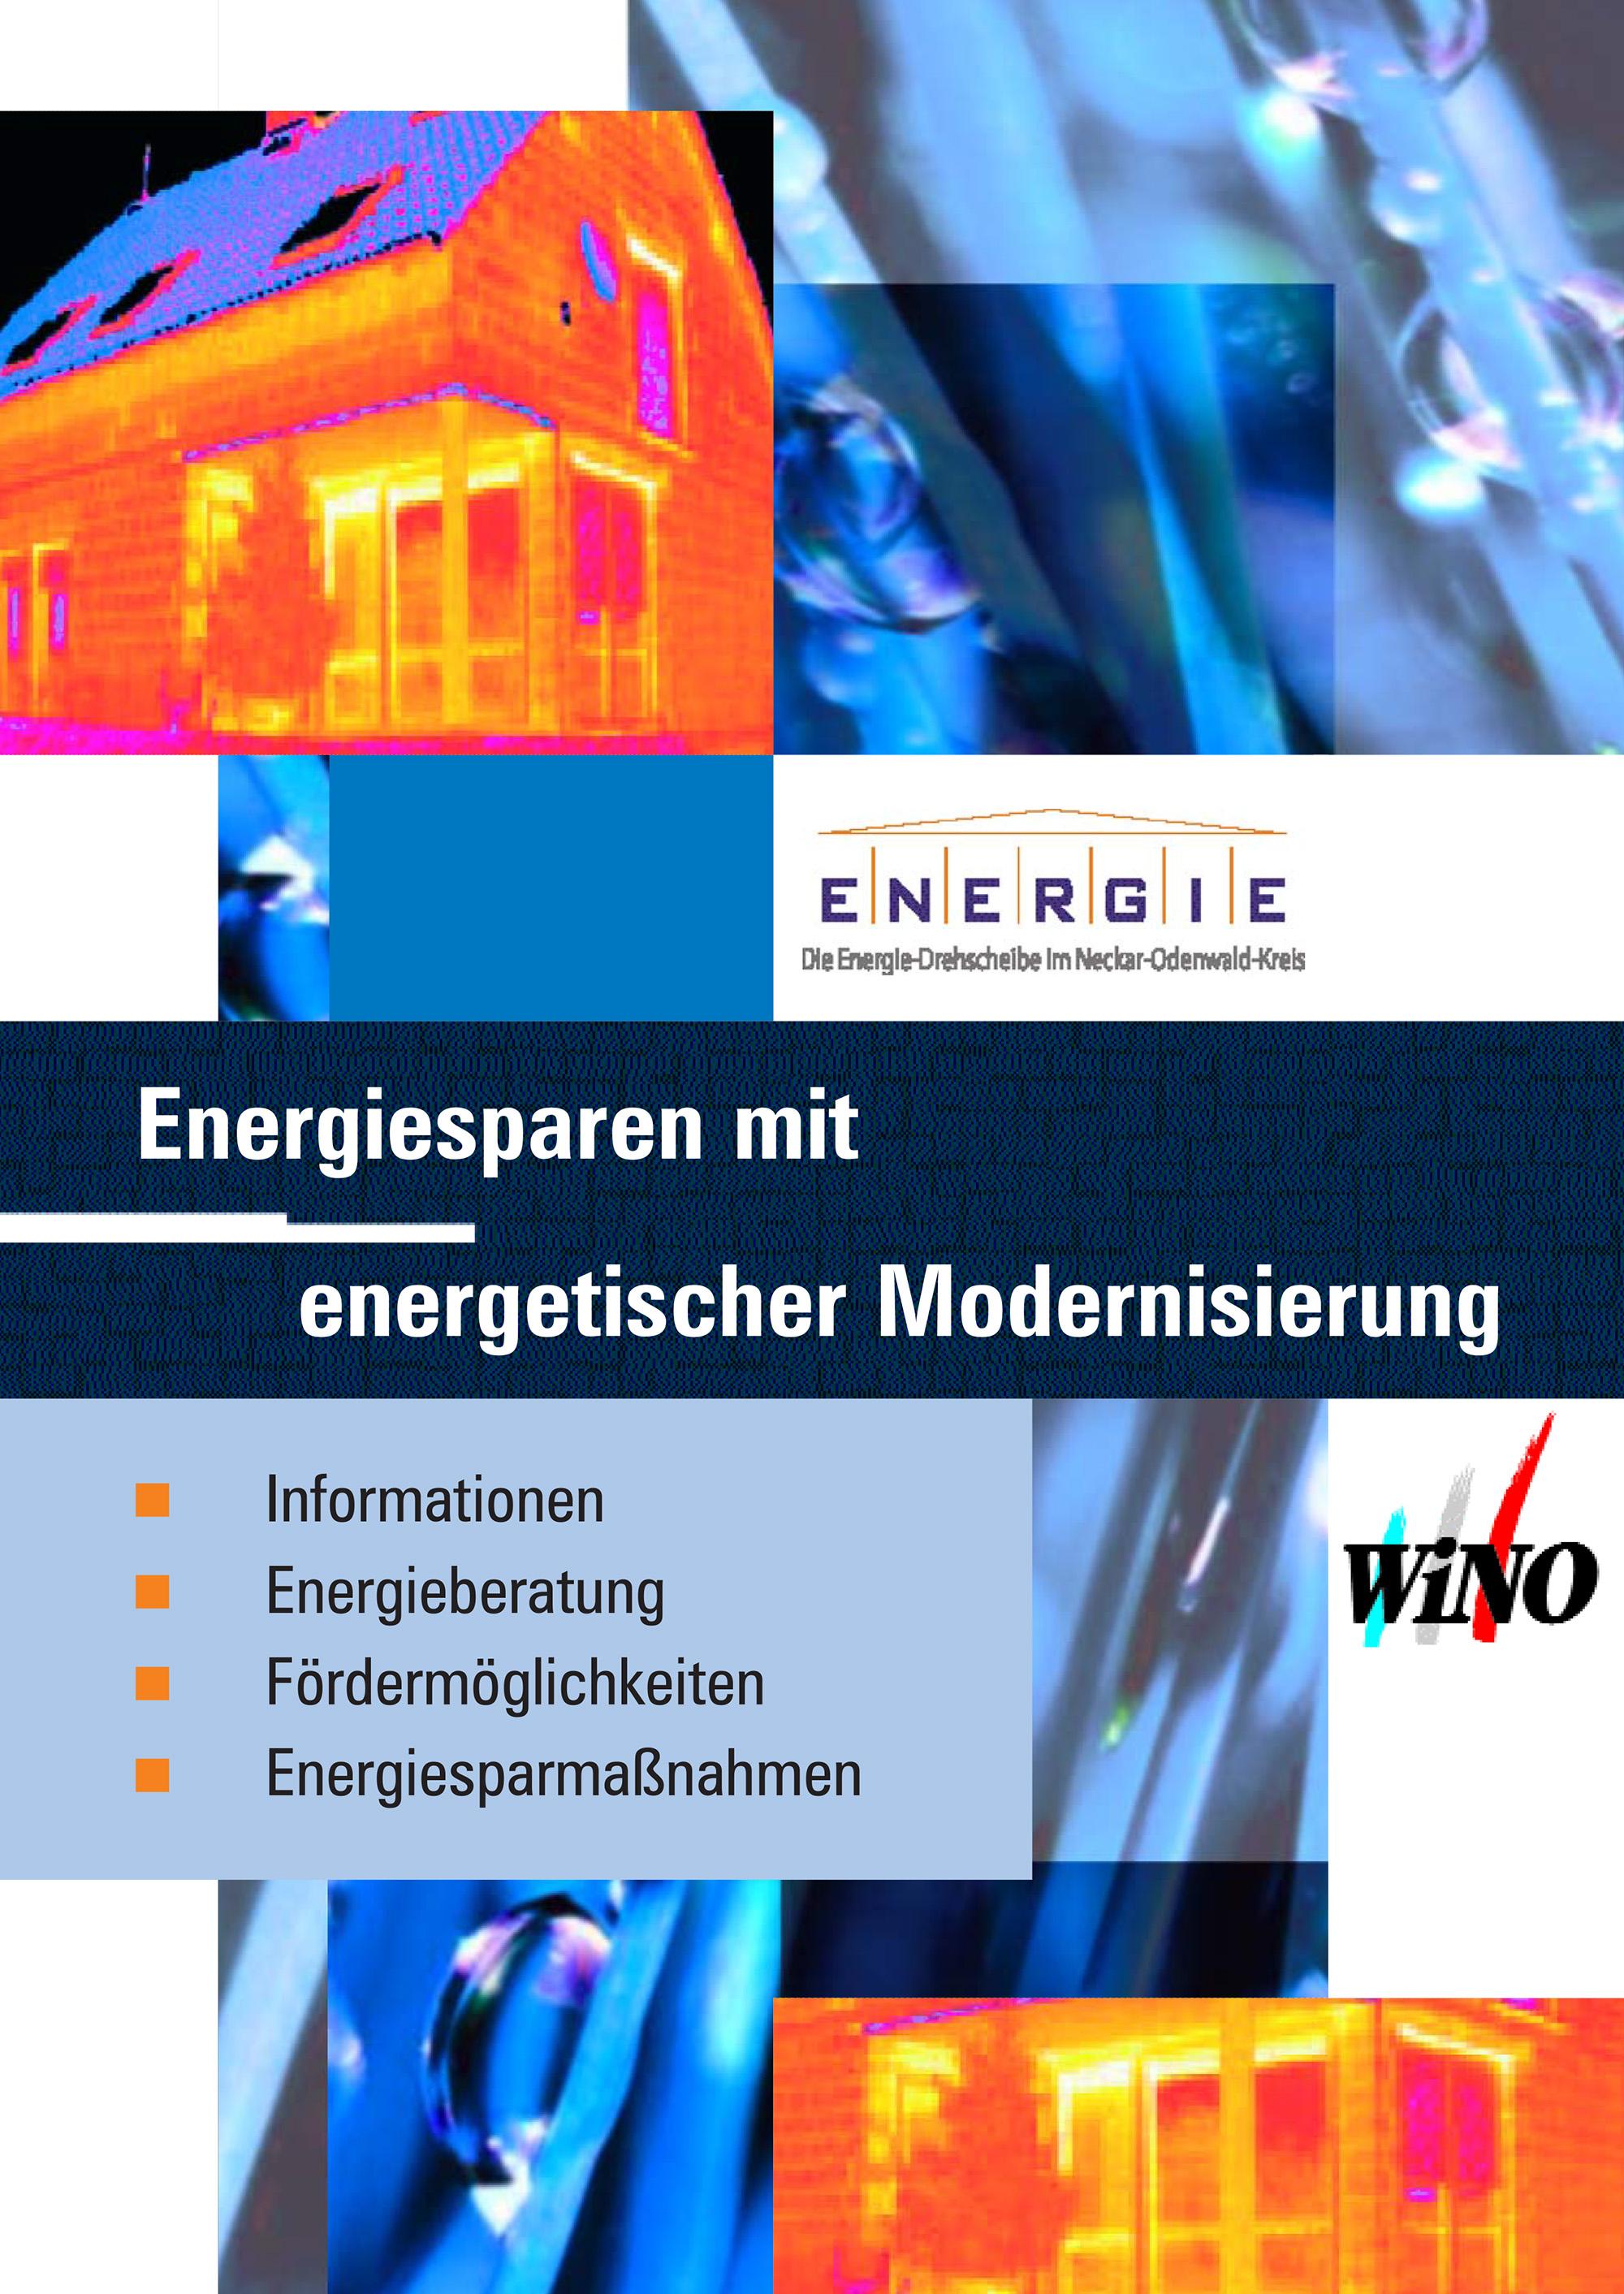 NOK Wirtschaftsförderung Marketing Energie